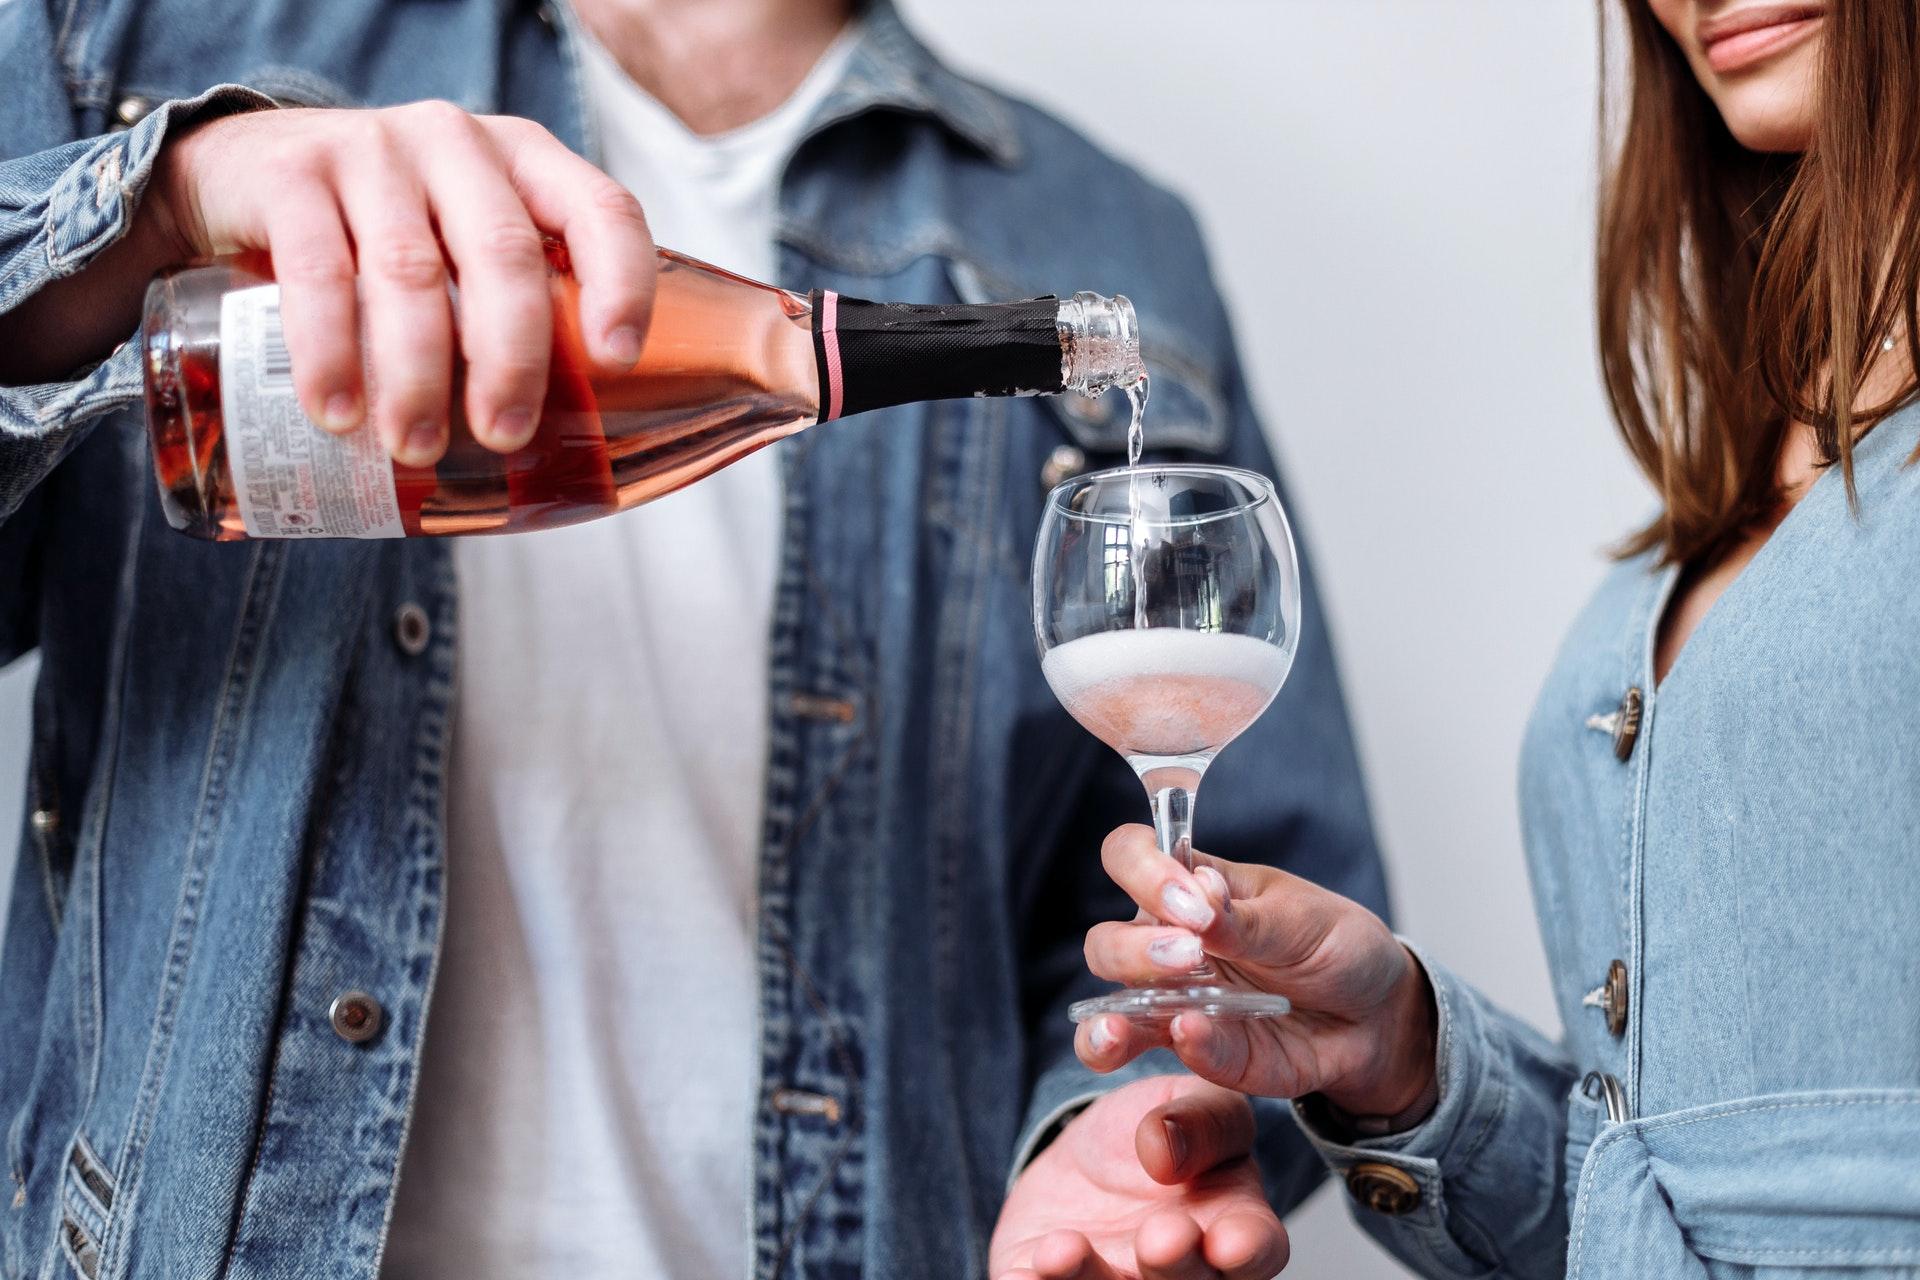 Злоупотребление алкоголем может увеличивать риск инфицирования коронавирусом вдвое